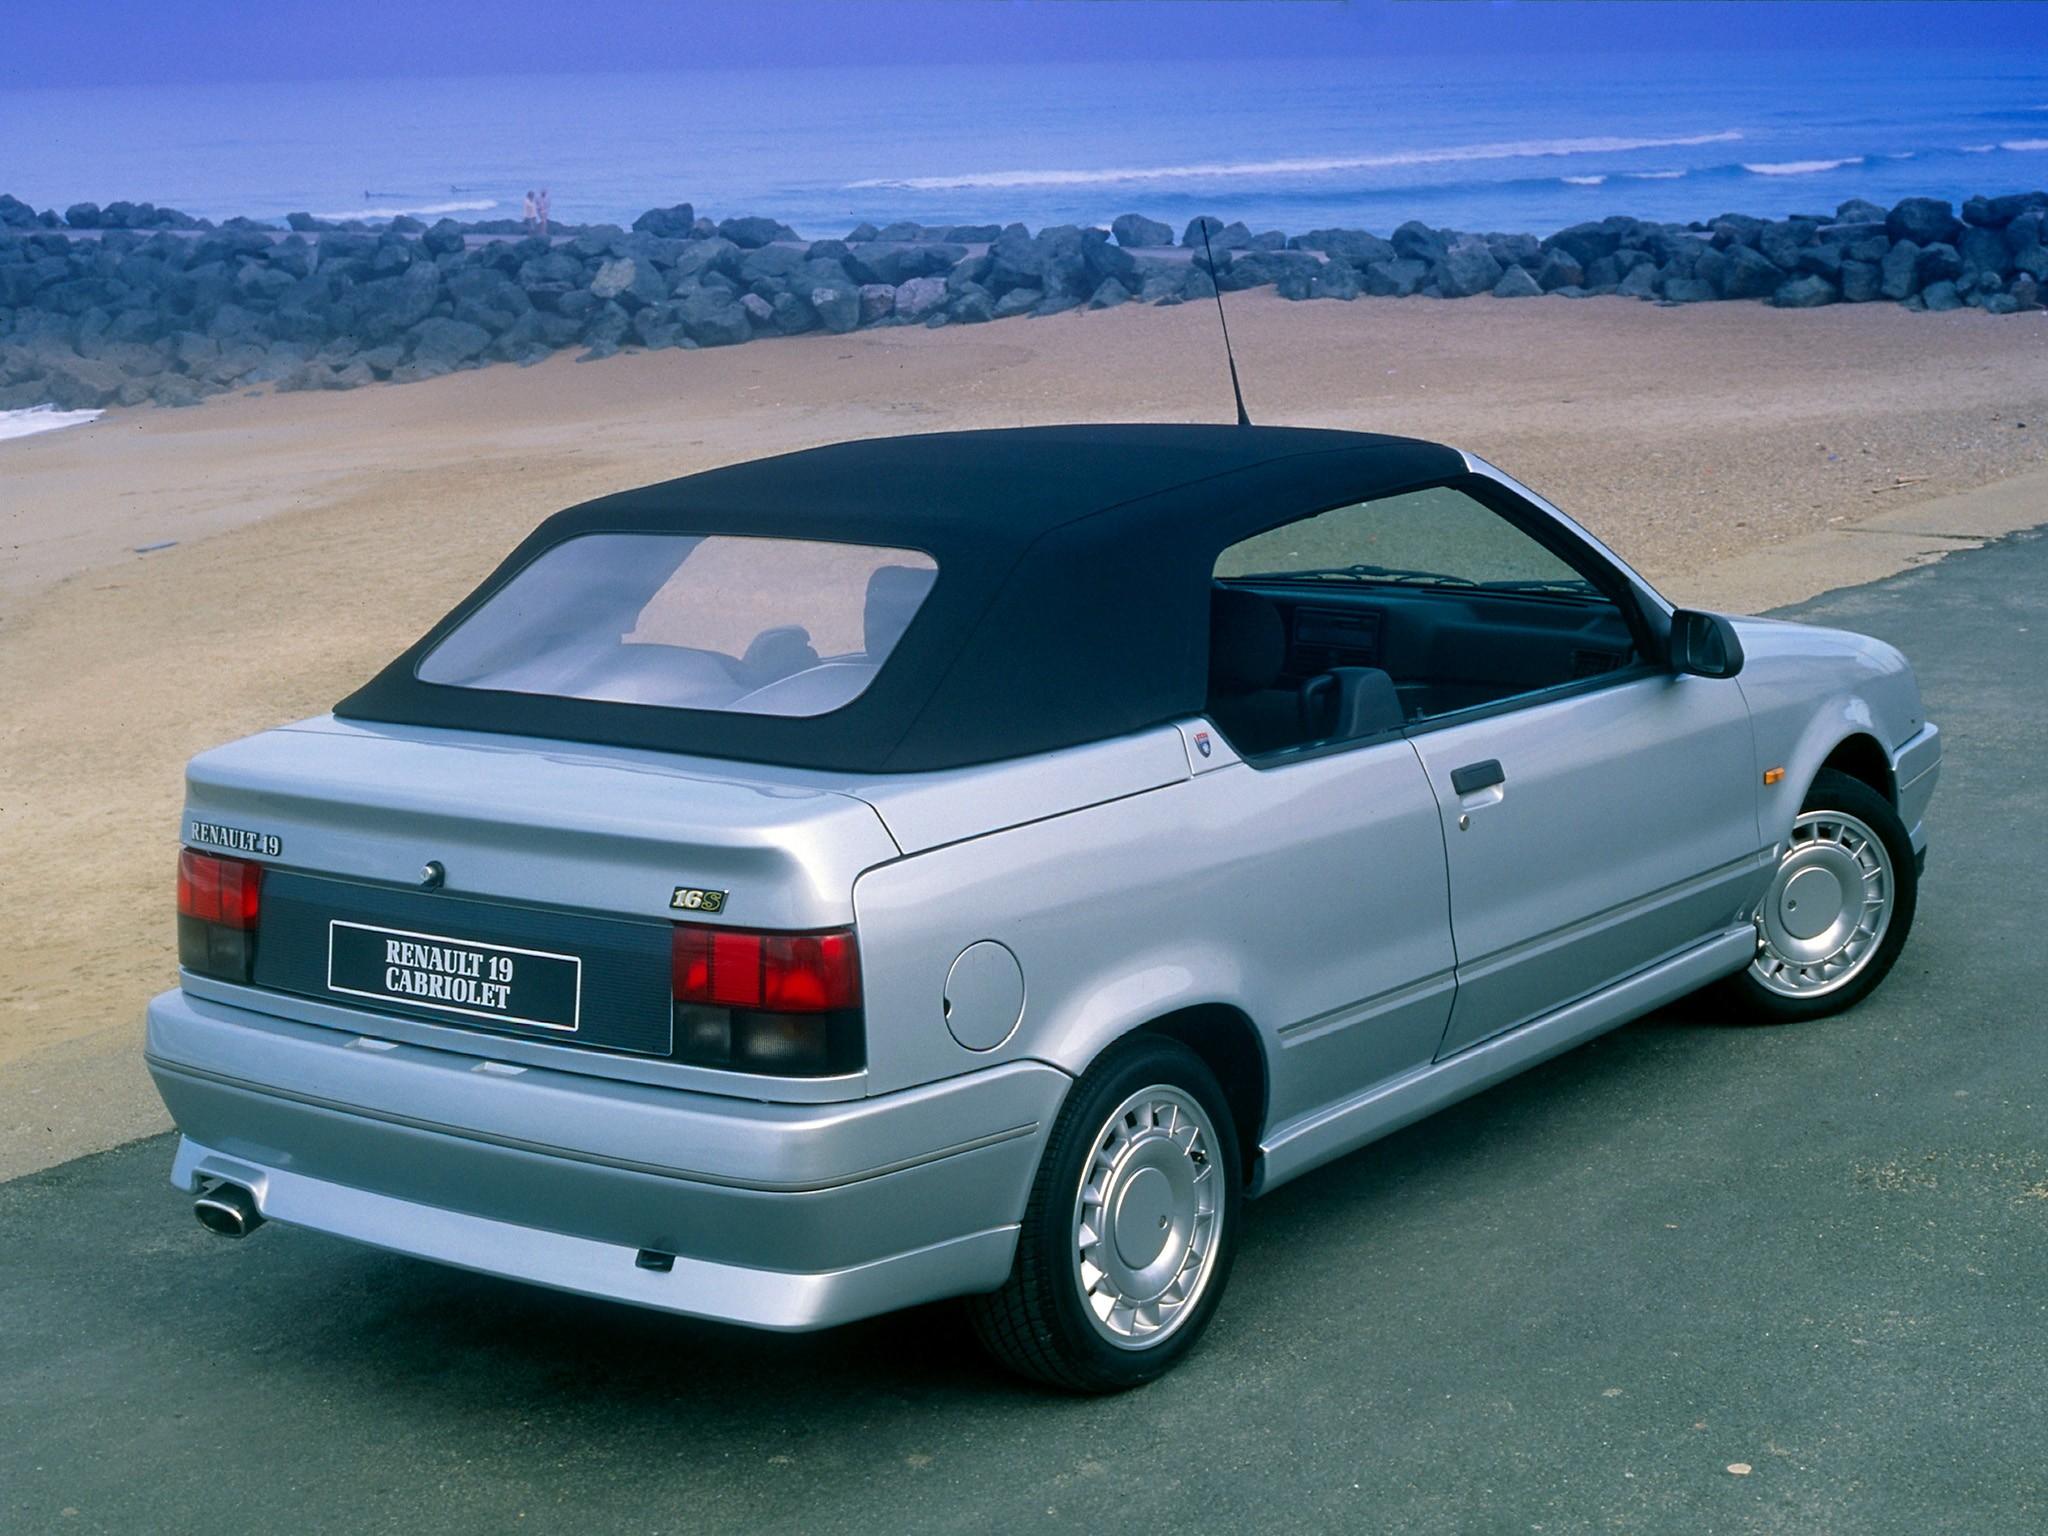 Renault 19 I 1988 - 1992 Cabriolet #1